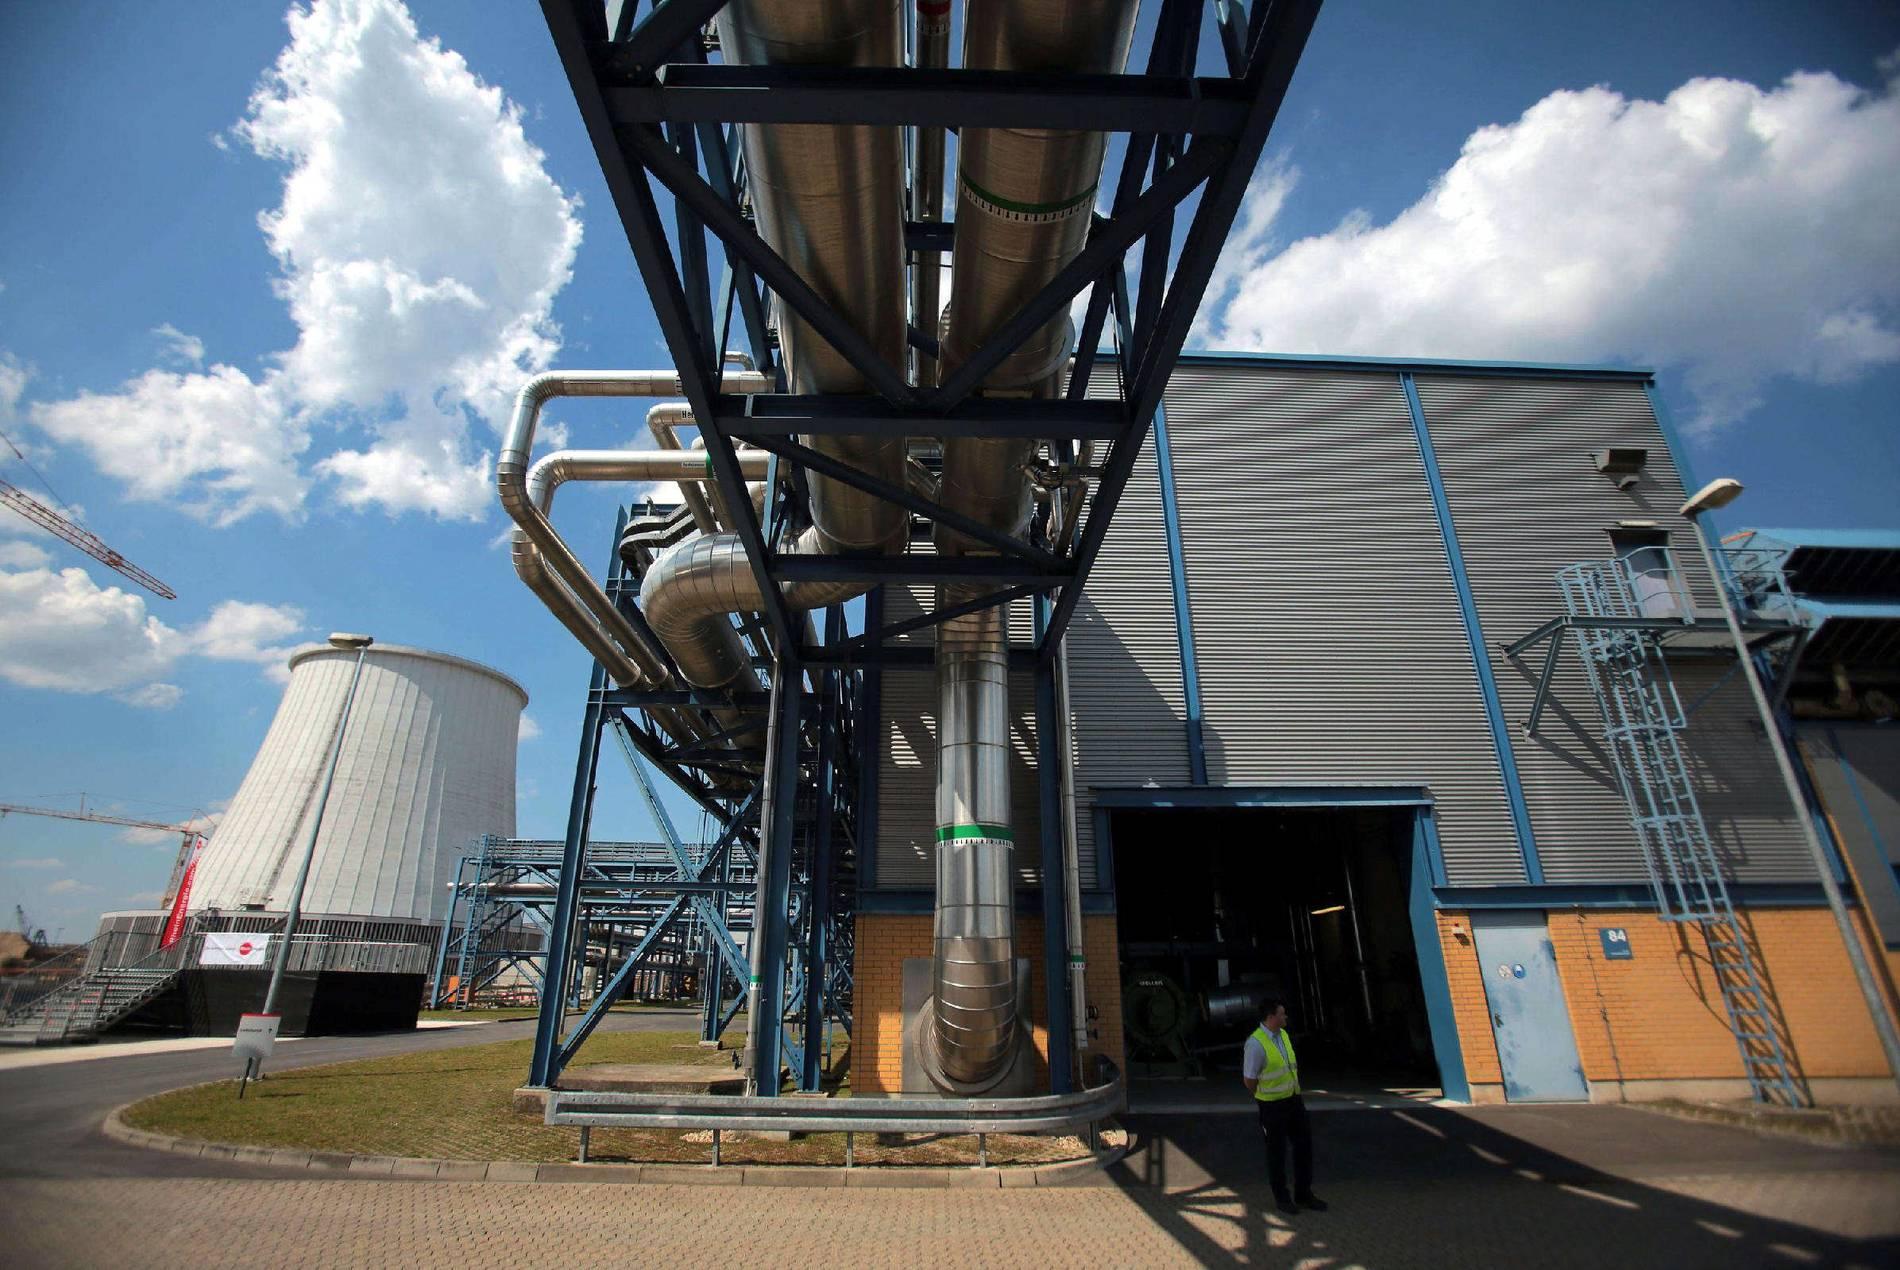 Rheinenergie Strom Abmelden